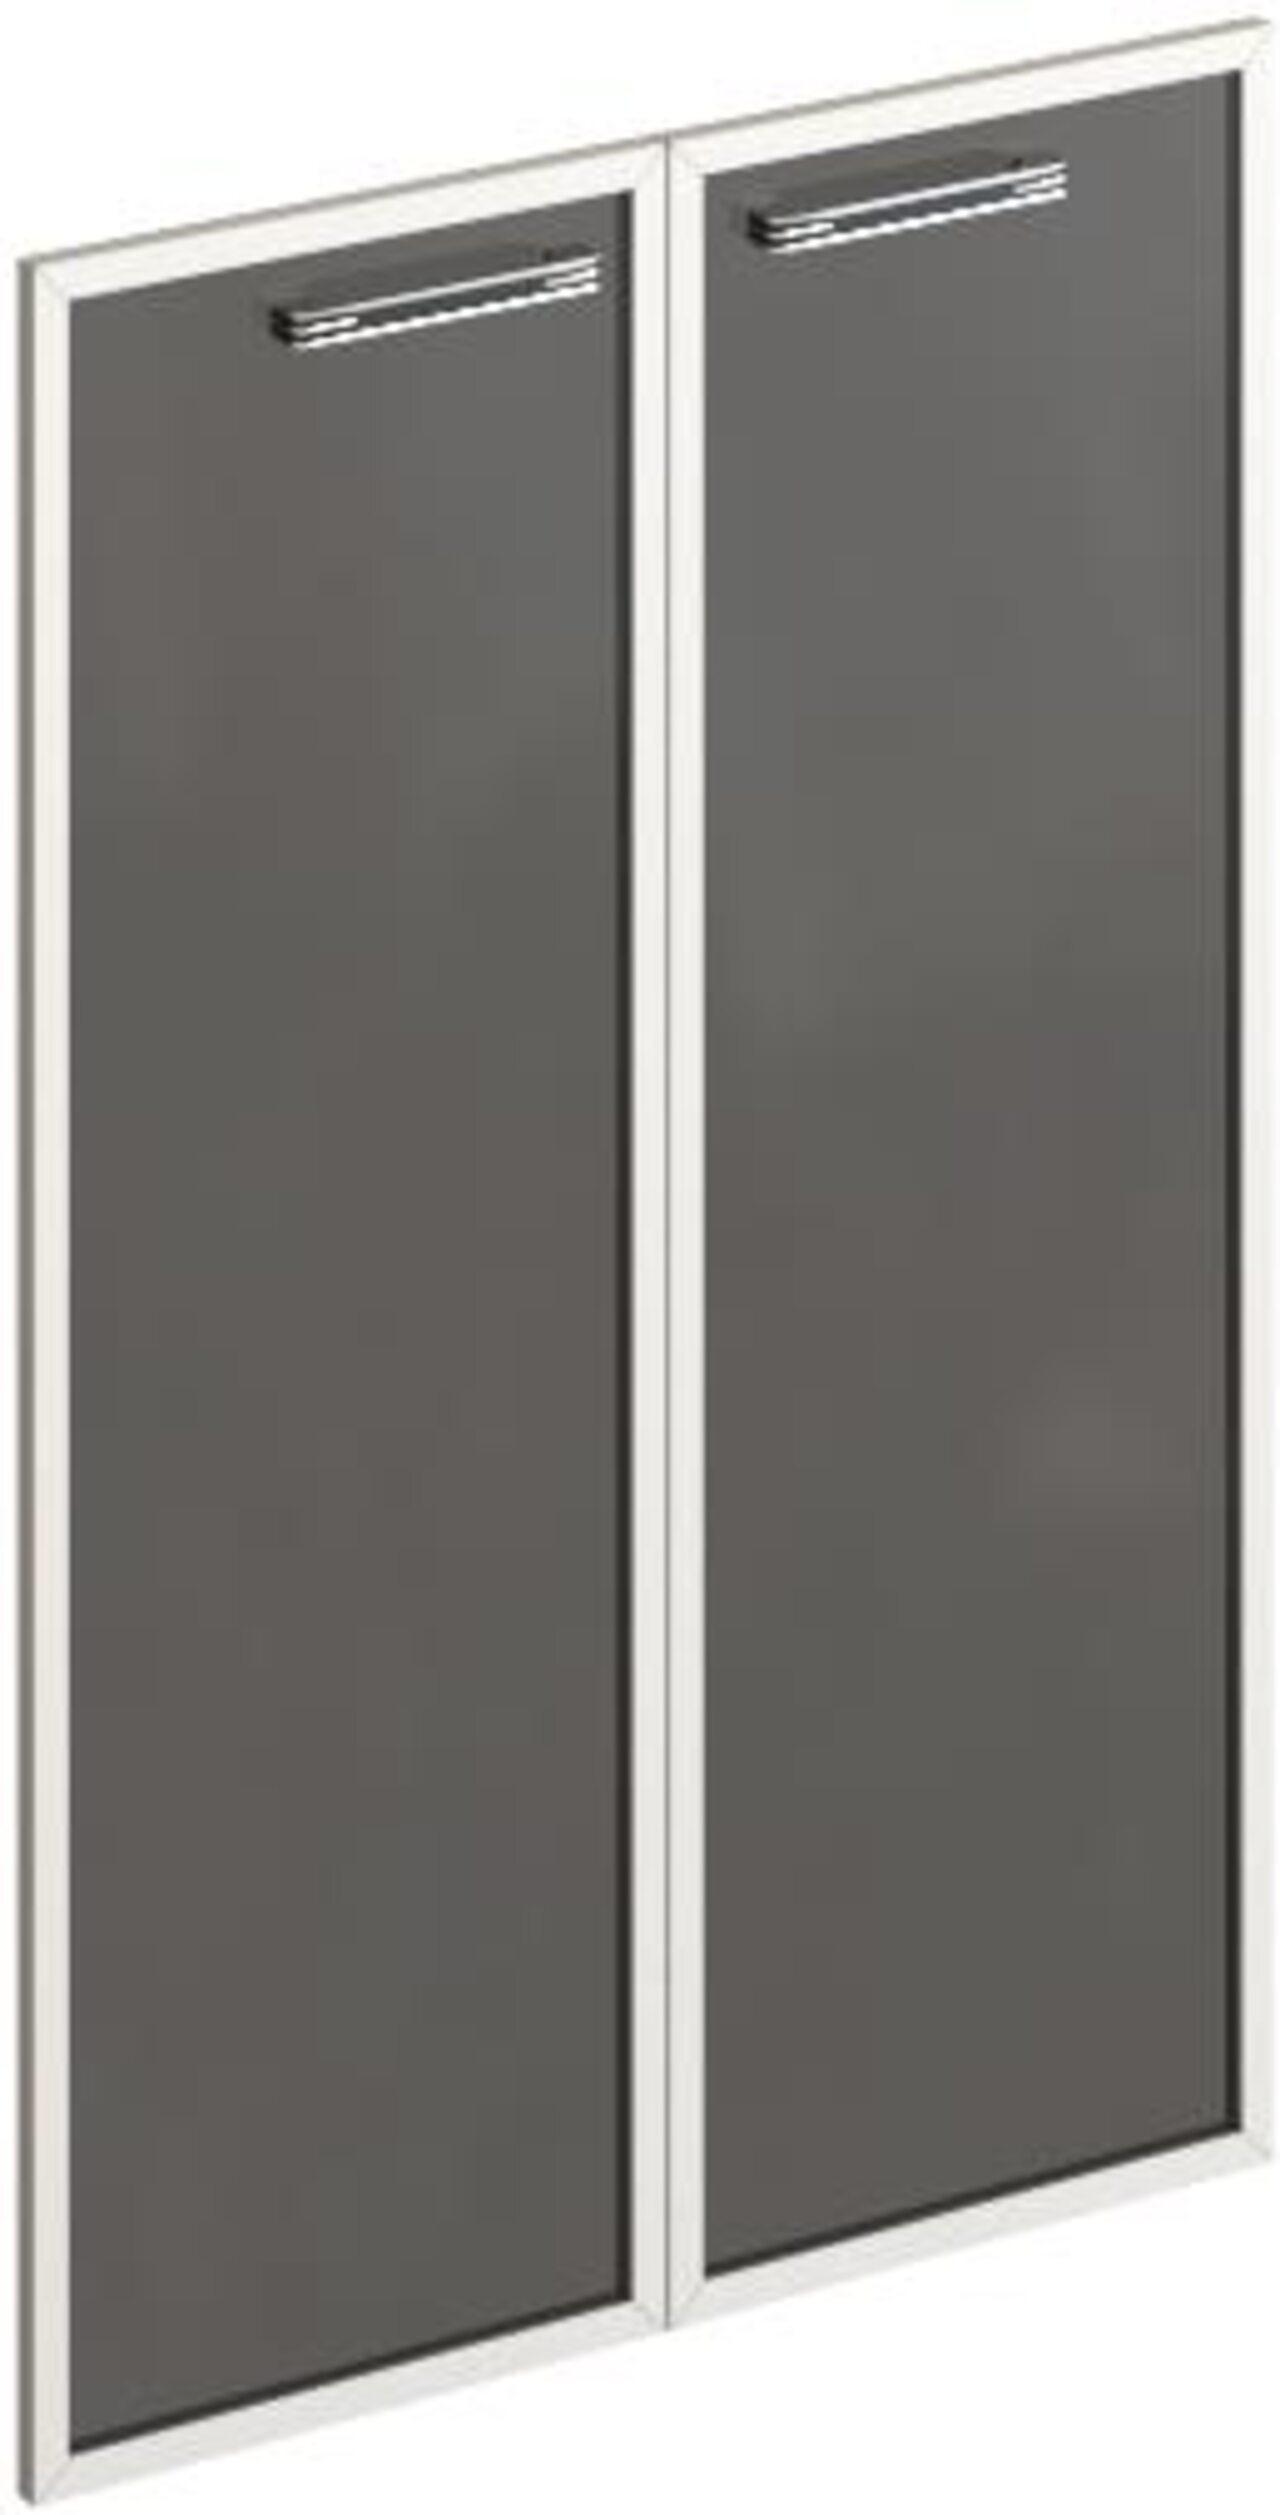 Комплект средних стеклянных дверей  Дельта 73x2x115 - фото 3